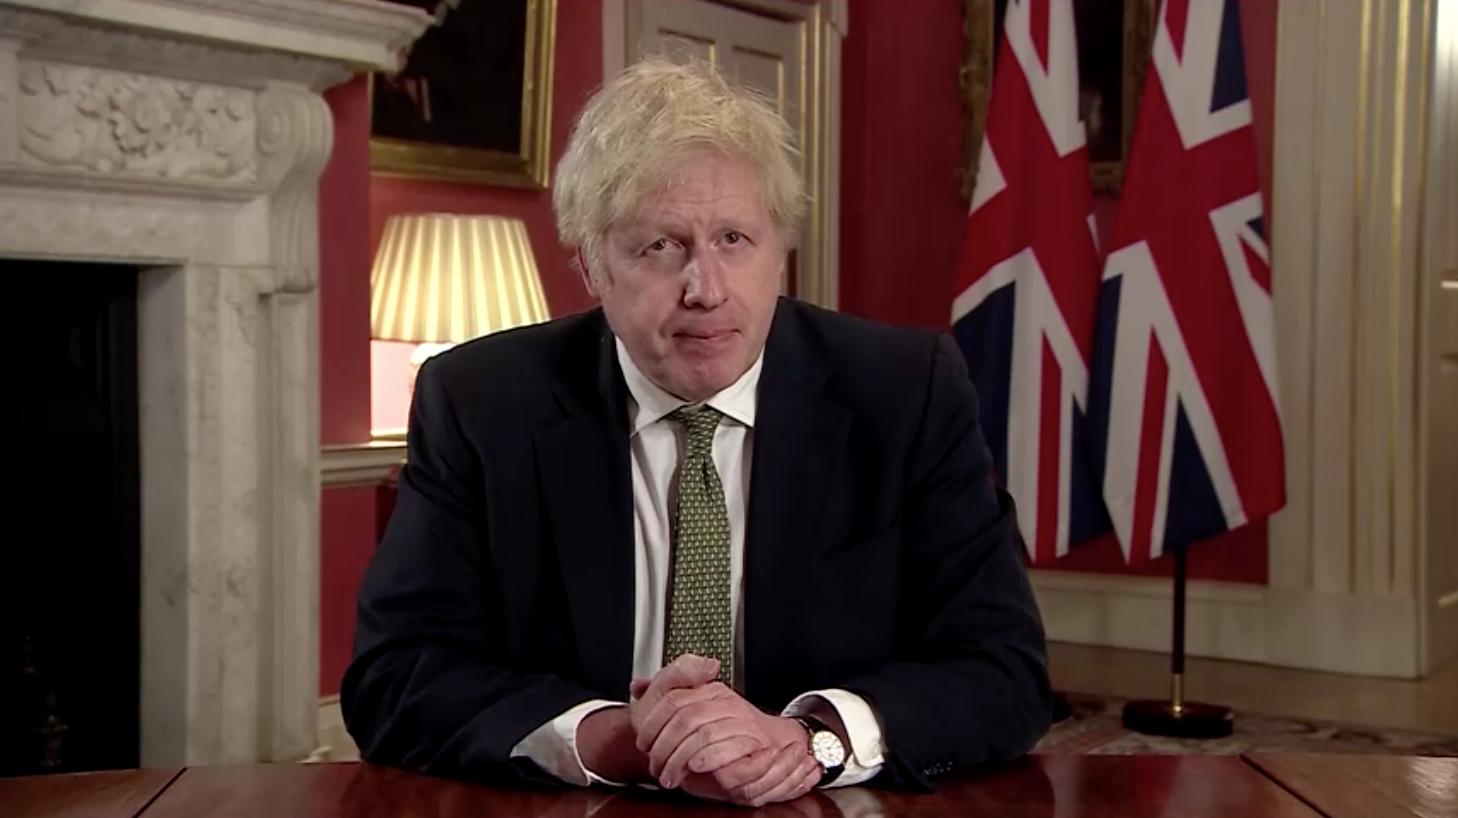 Thủ Tướng Anh Quốc Boris Johnson áp đặt lệnh phong tỏa toàn quốc đến giữa tháng 2 để chống lại biến thể COVID mới